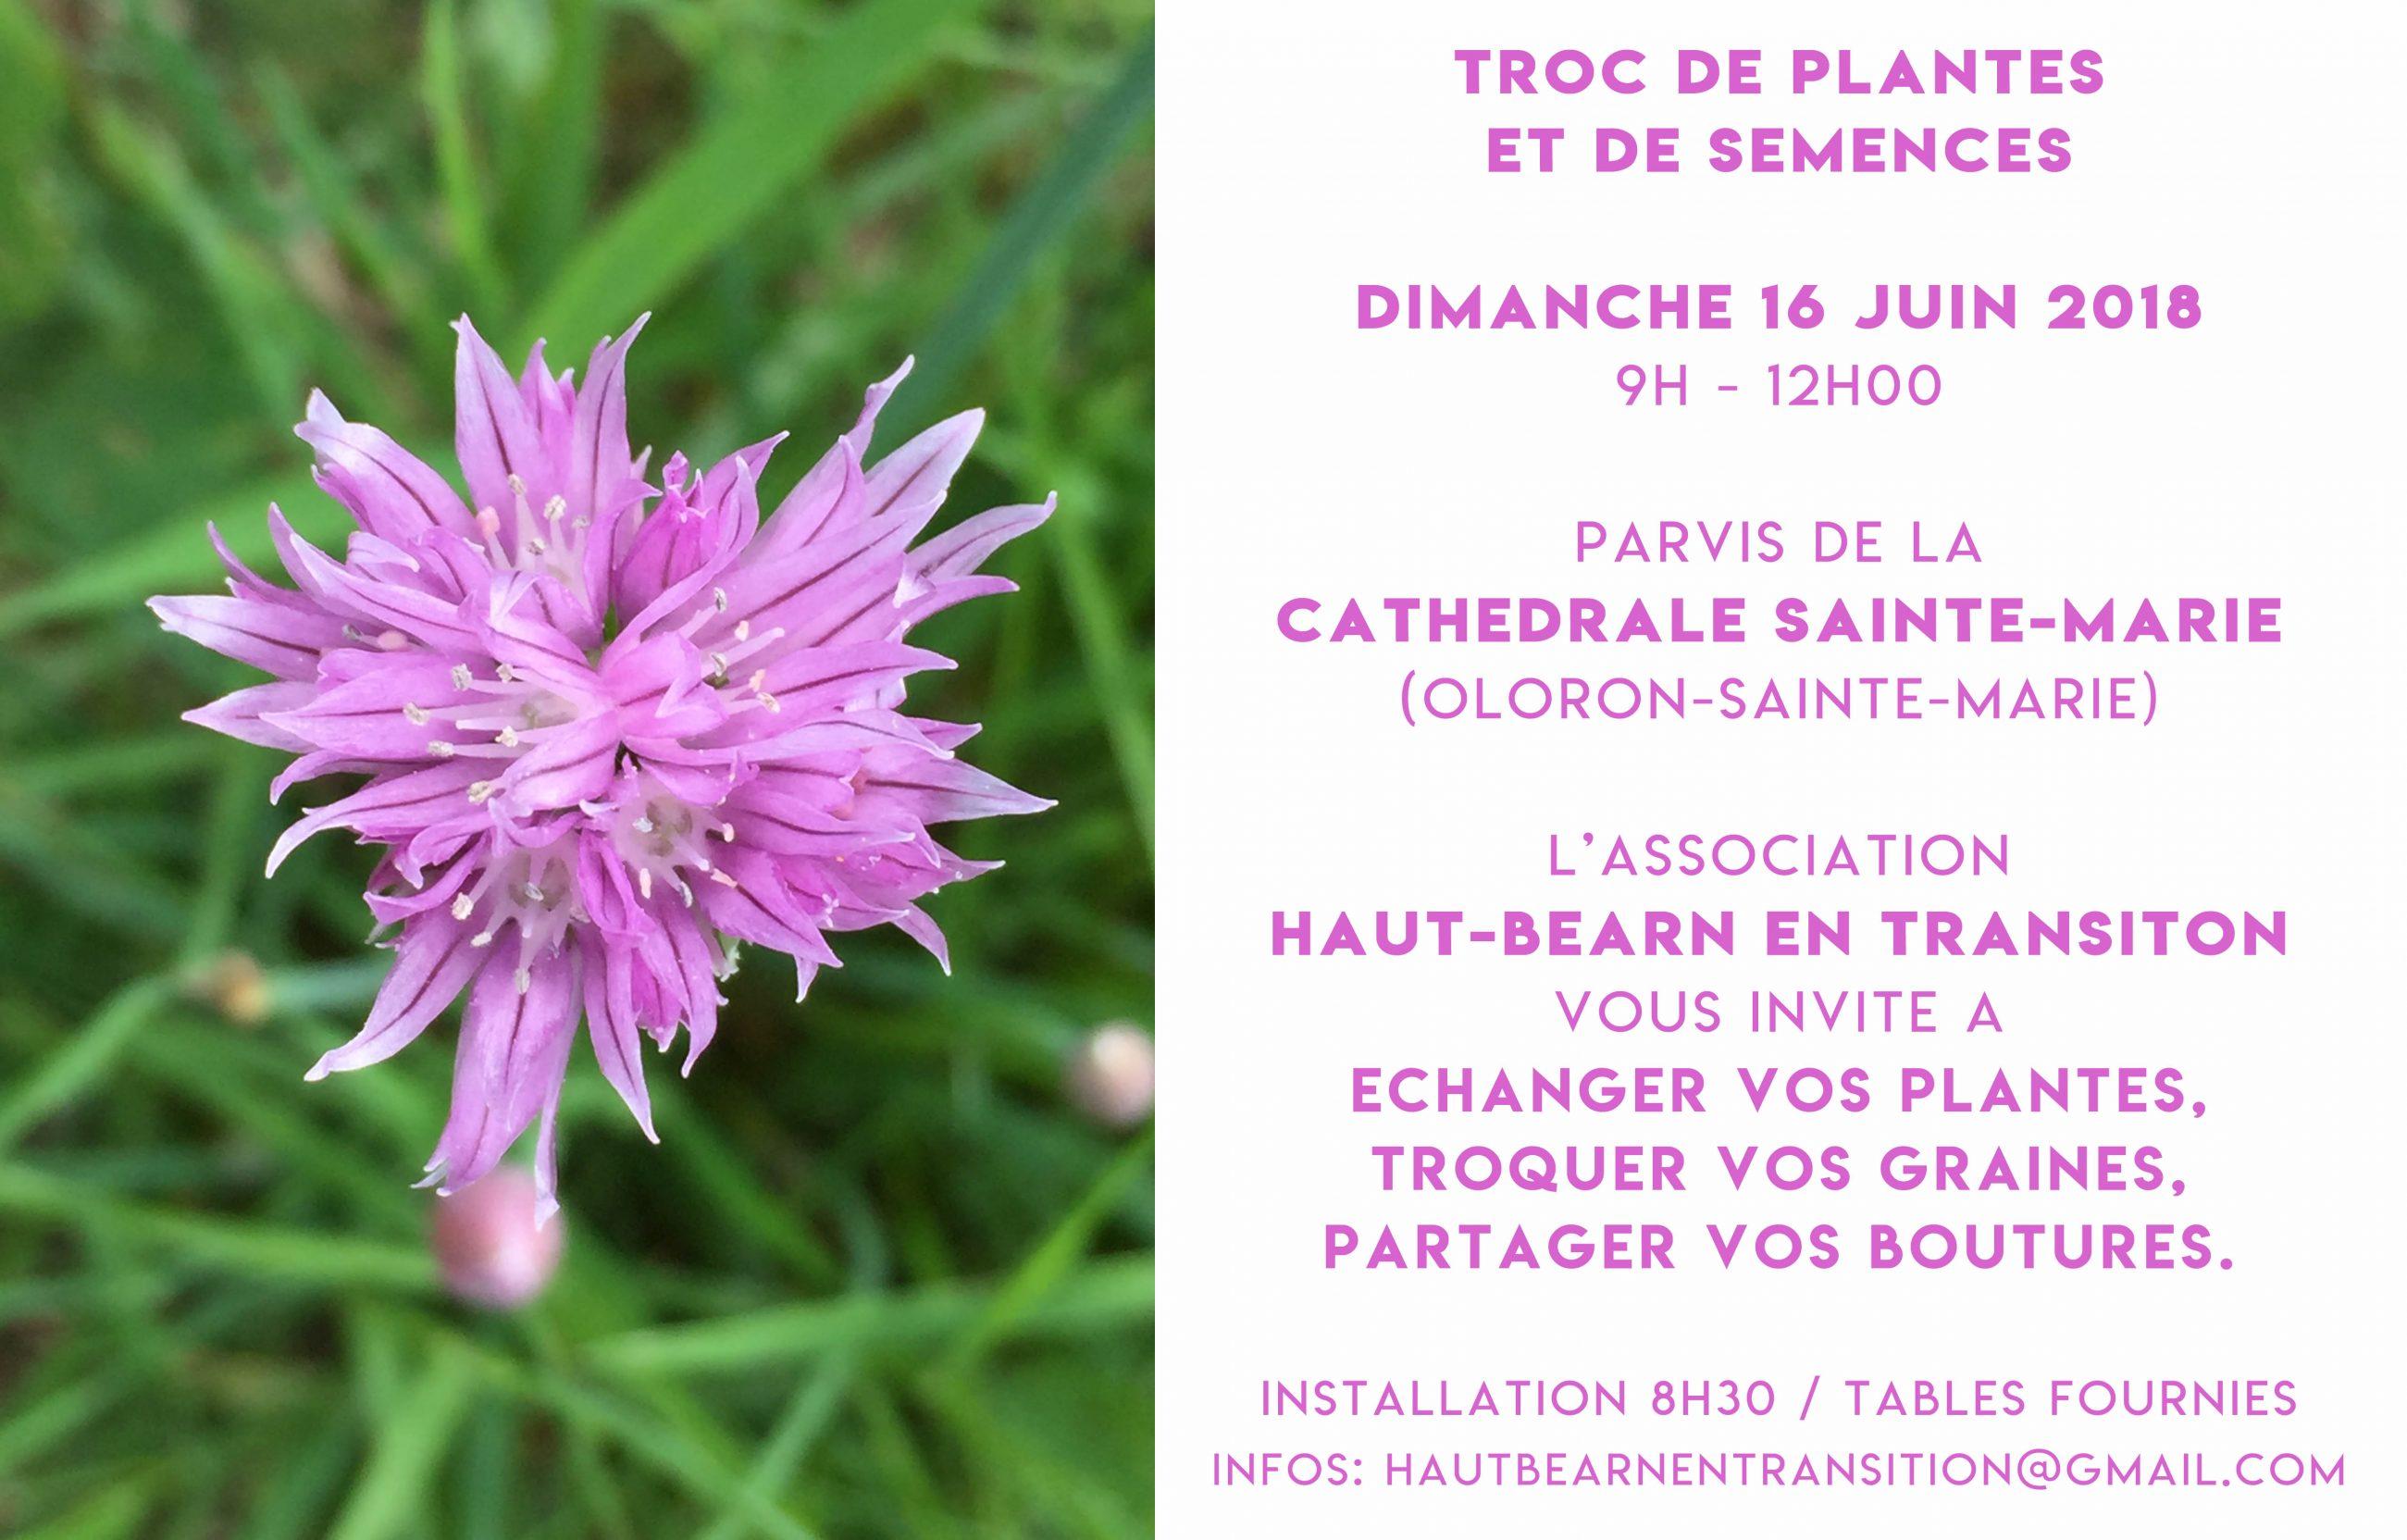 Graines Et Plantes Calendrier Lunaire Mars 2020.16 Juin 9 12h Troc De Plantes A Oloron Salies De Bearn